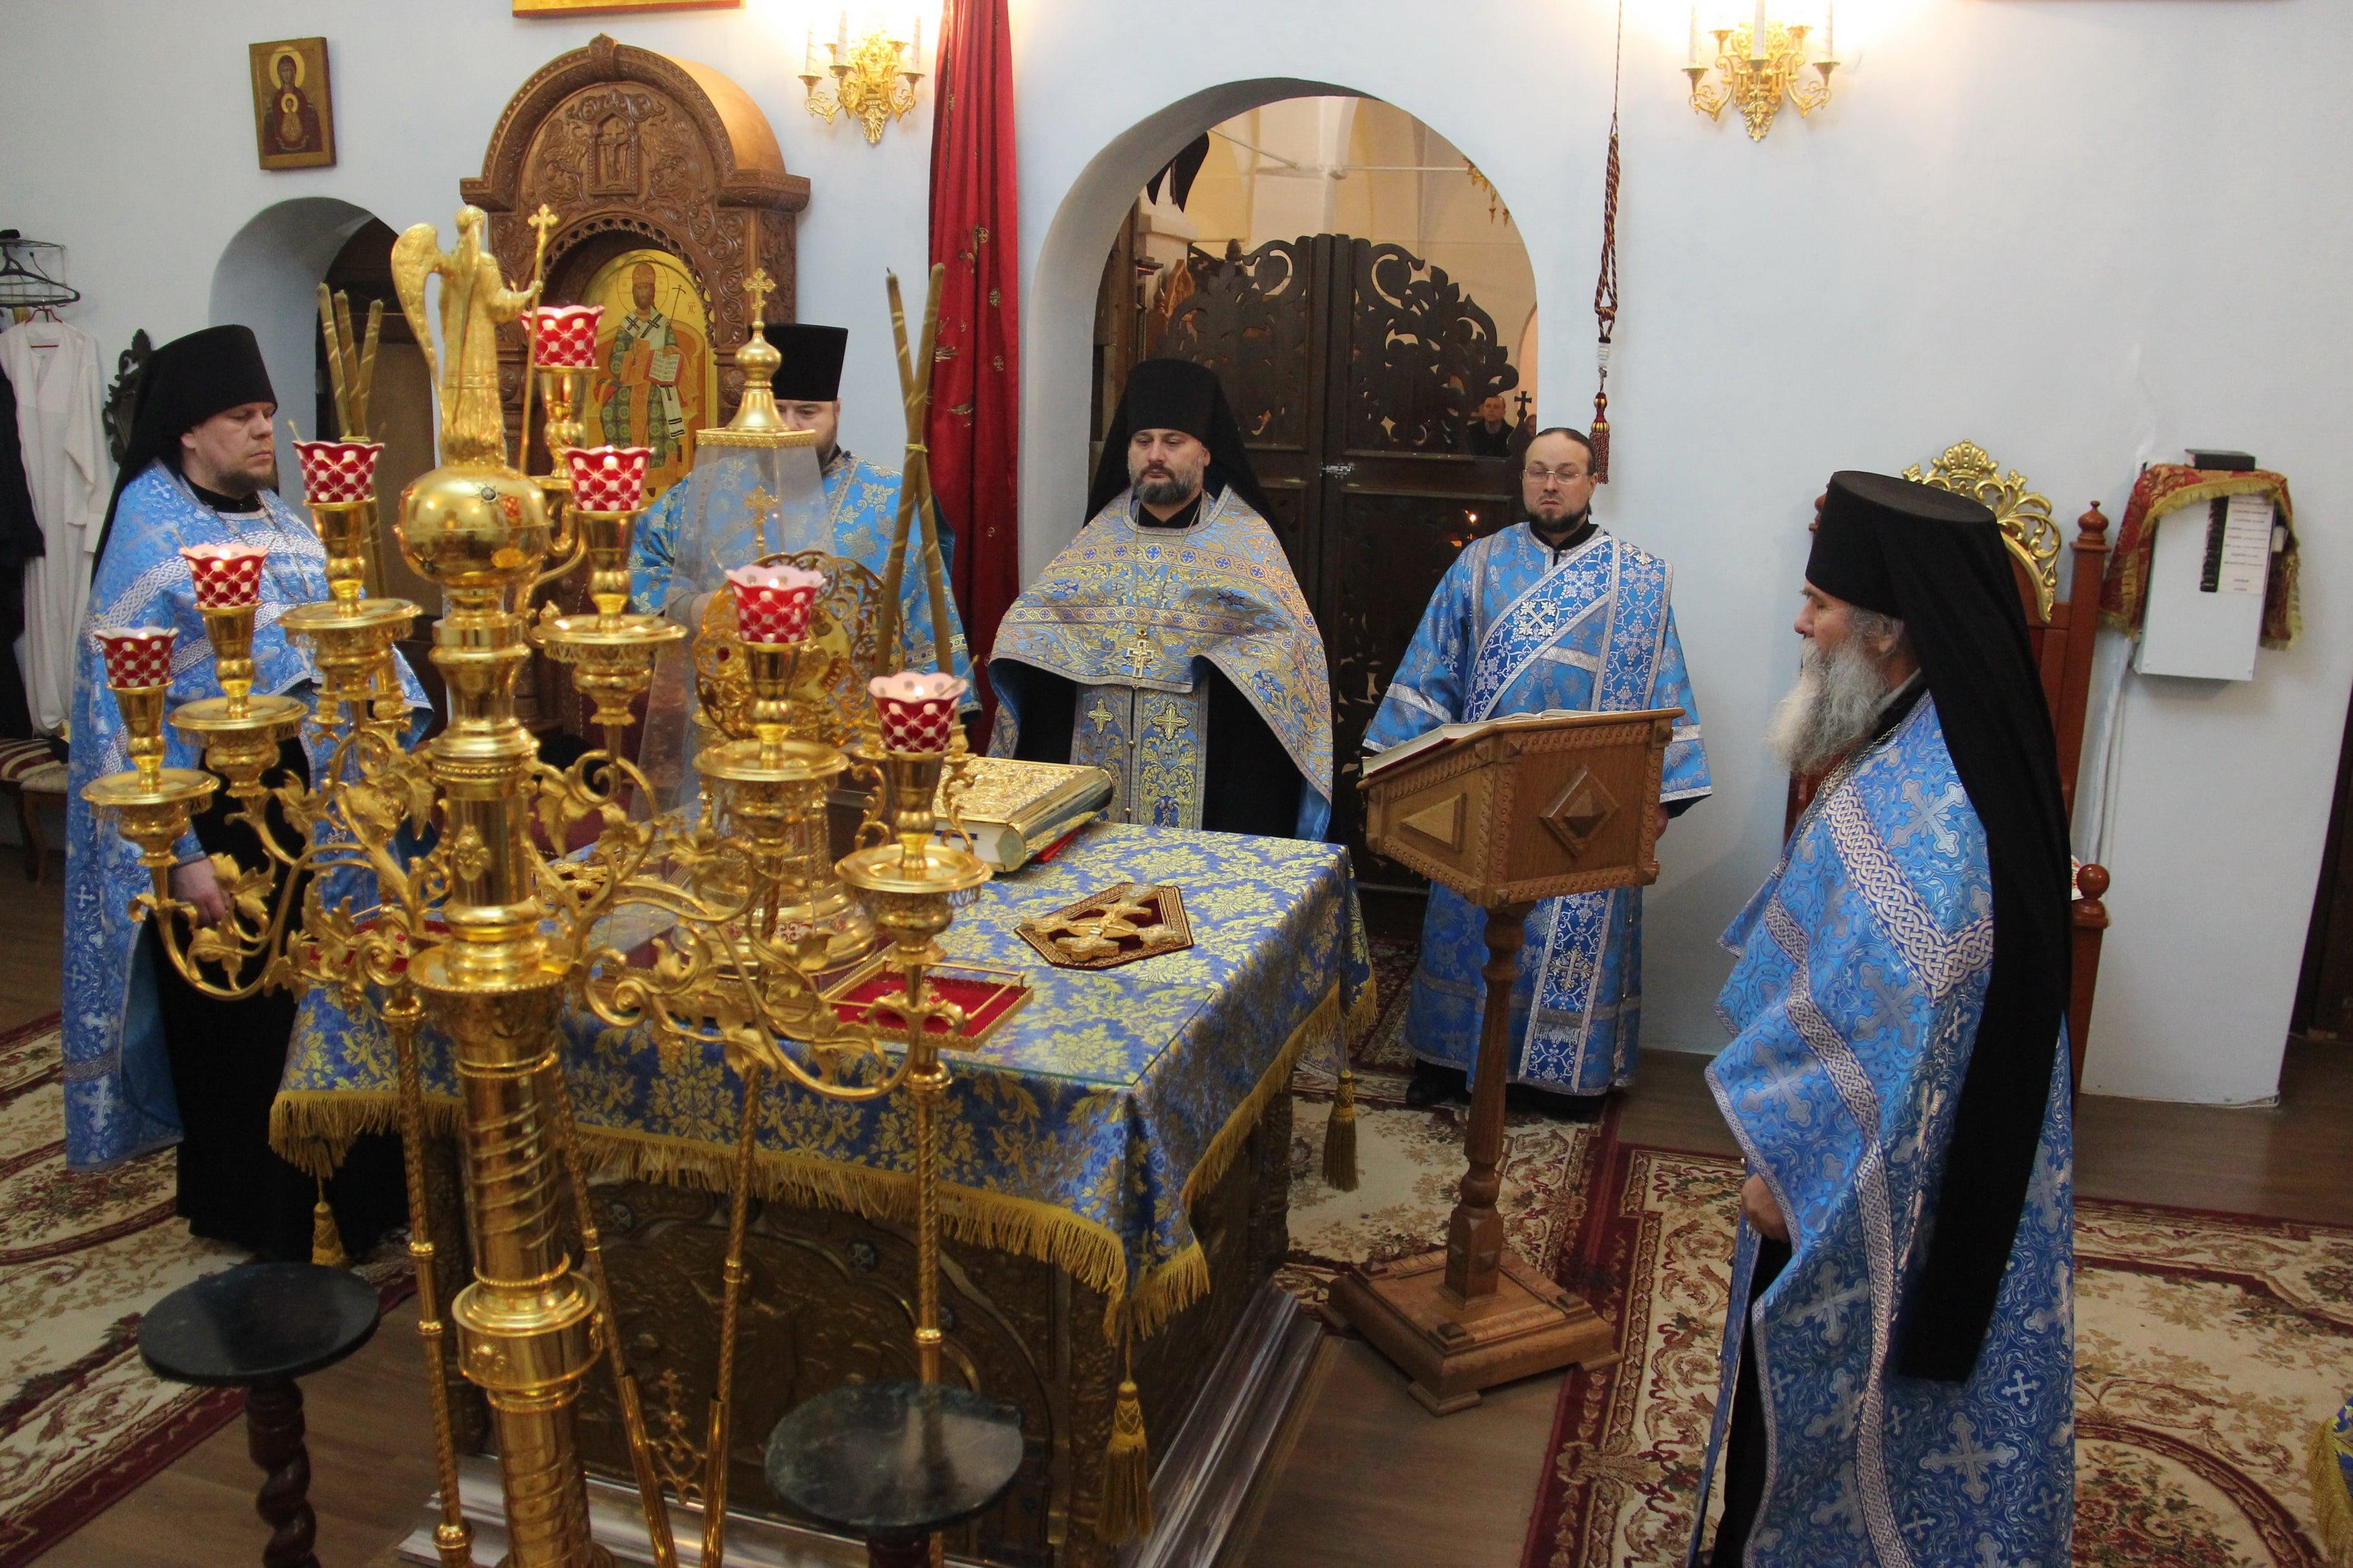 http://monuspen.ru/photoreports/cfb6a29ae0d6f6a8689fb40423a26bd7.JPG